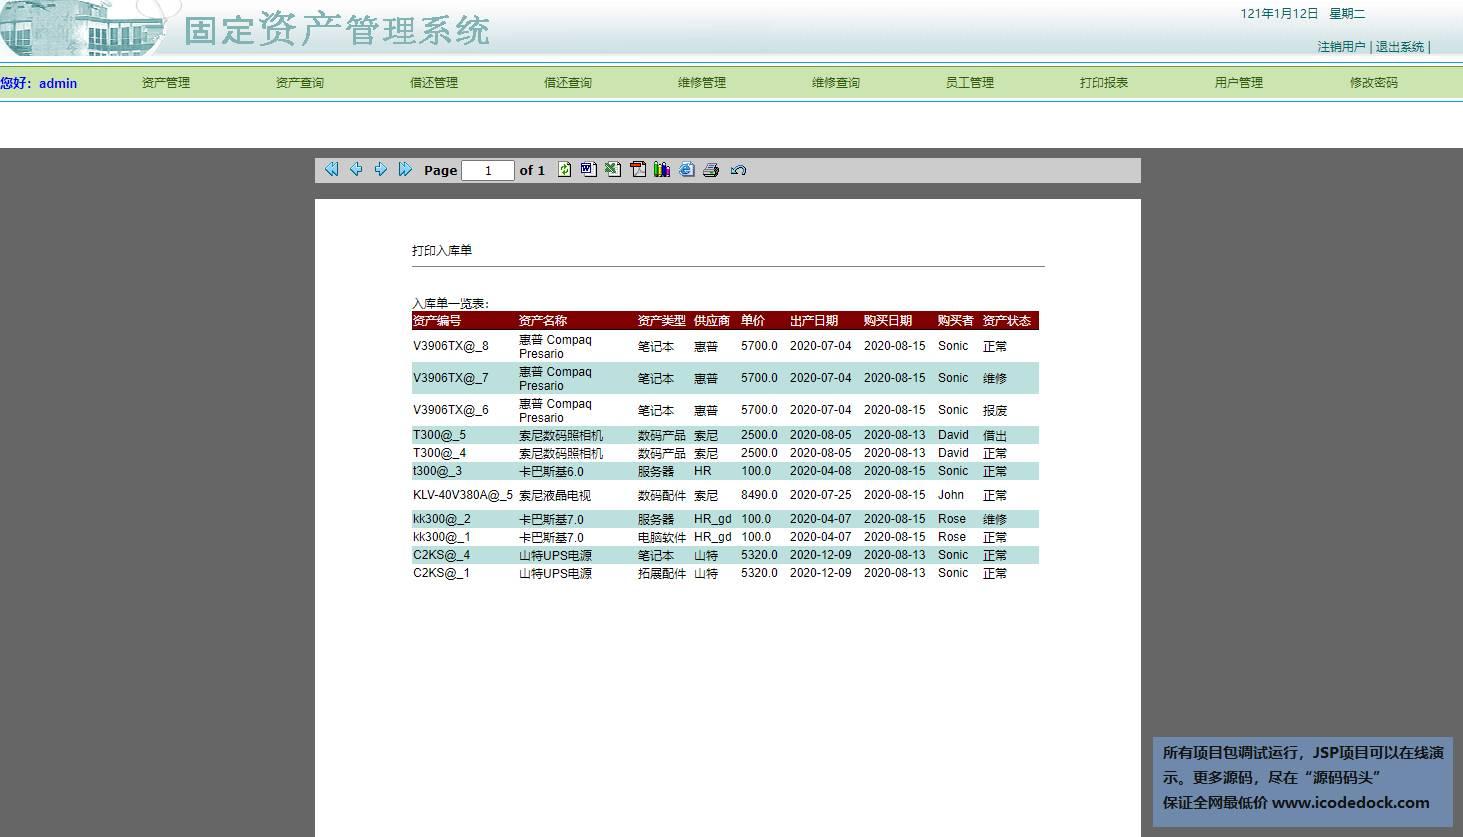 源码码头-SSH企业公司单位固定资产管理系统-管理员角色-资产报表打印